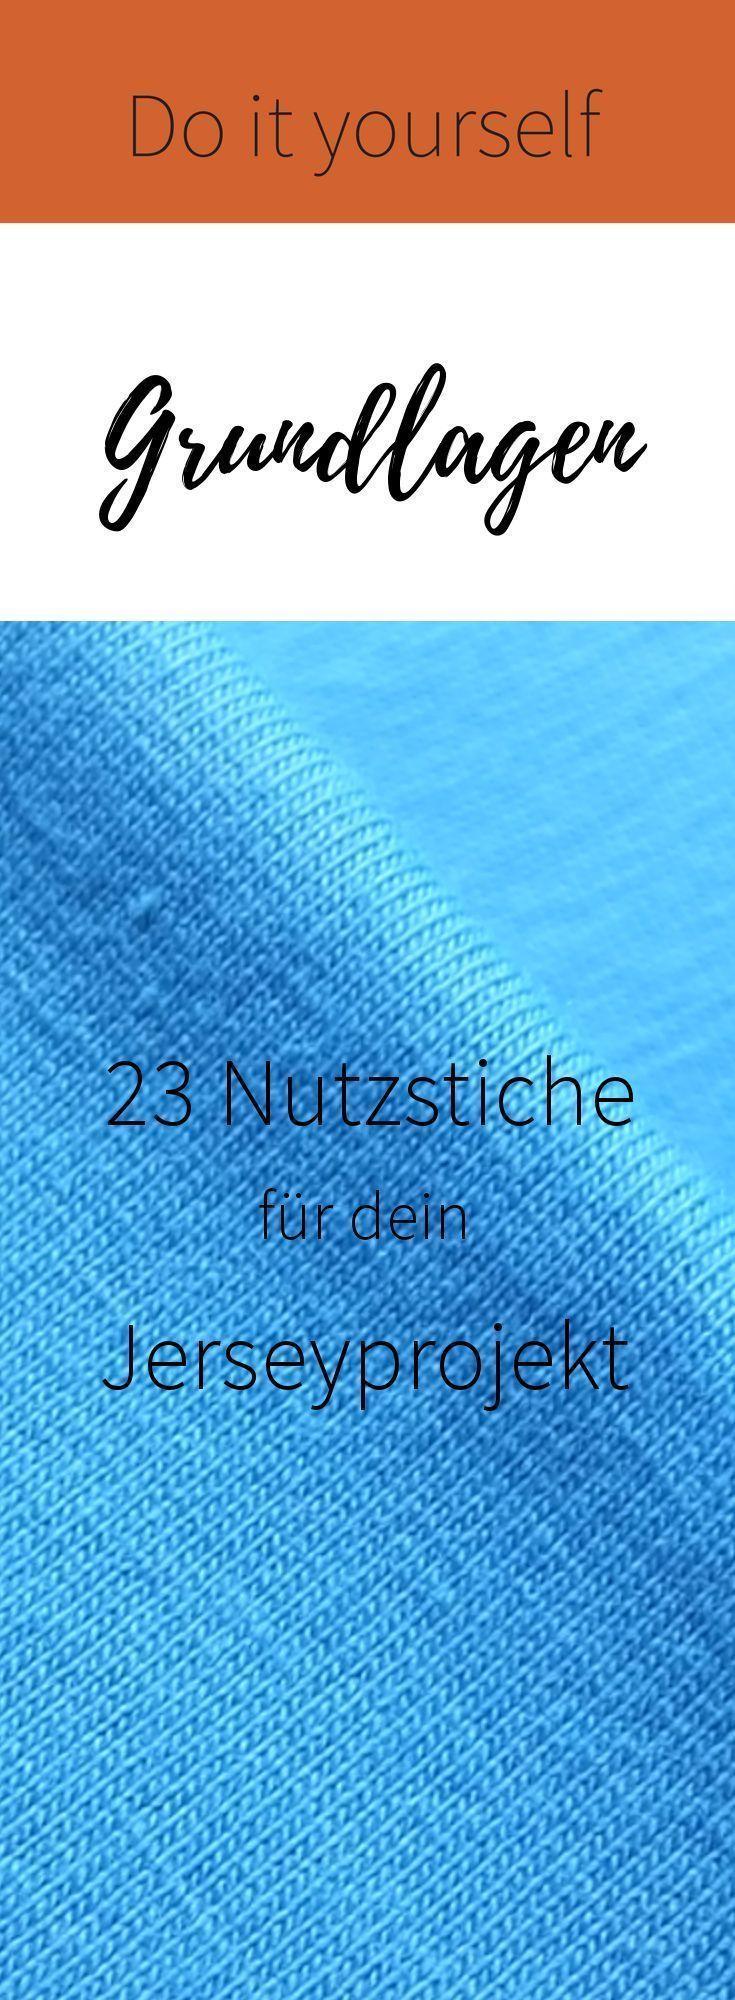 23 Nutzstiche für dein nächstes Jerseyprojekt